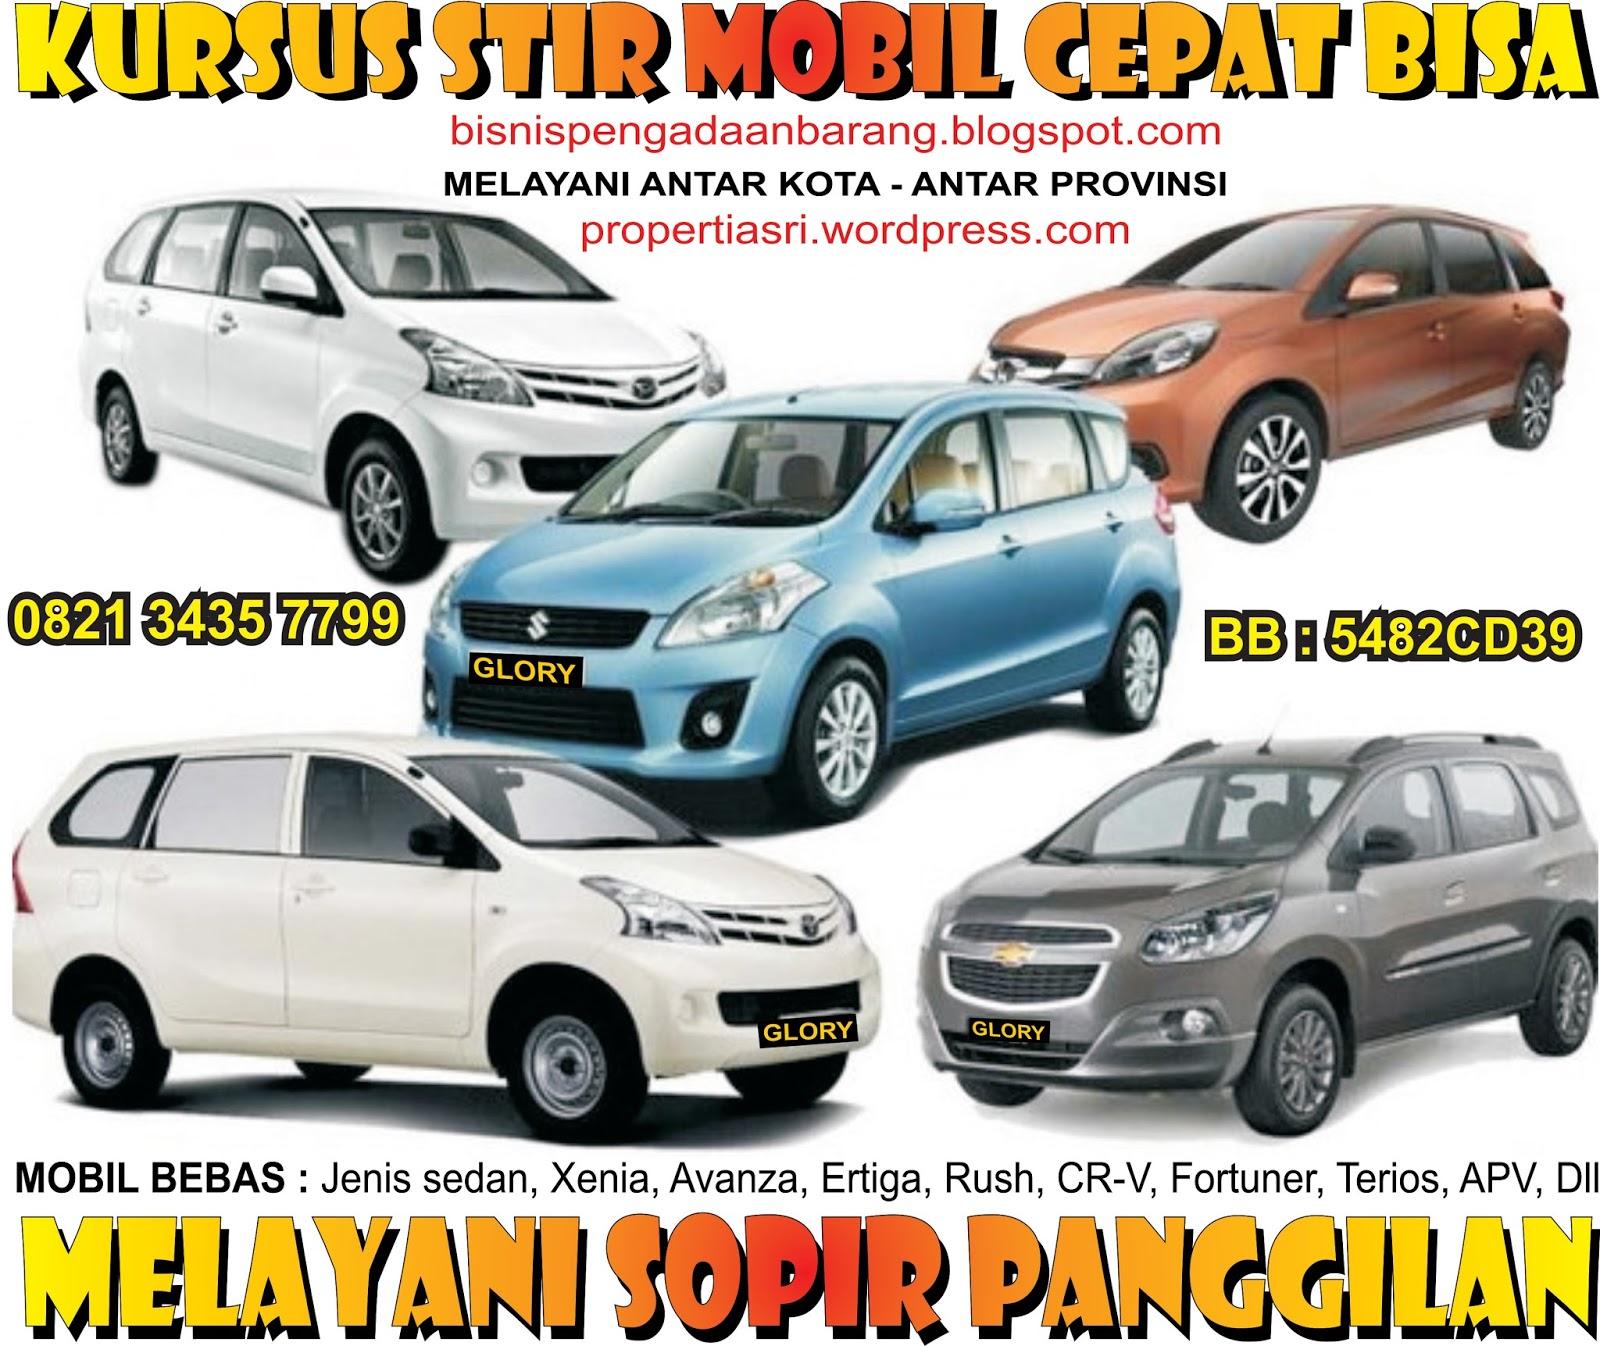 Baja Ringan Olx Jogja Tour And Travel, Jual Tiket Promo, Jasa Antar Jemput ...